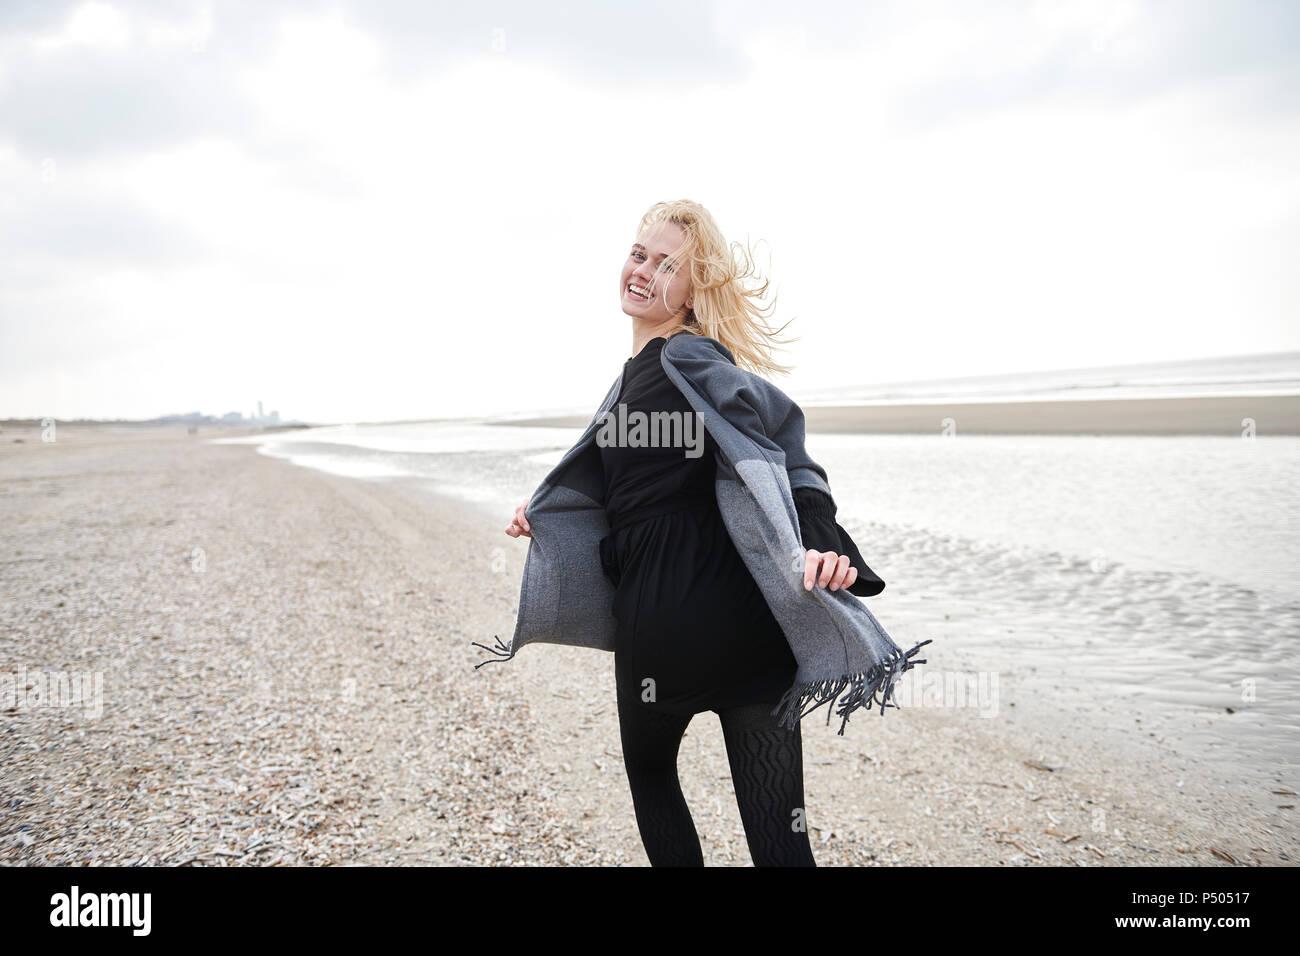 Países Bajos, retrato de mujer joven rubia corriendo en la playa Imagen De Stock